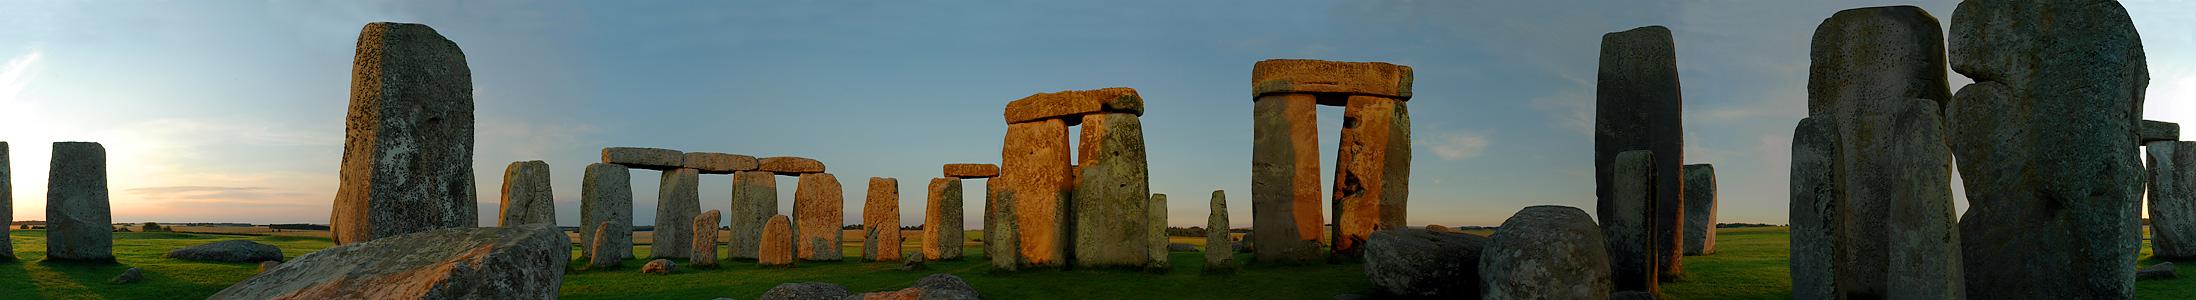 Stonehenge 360°